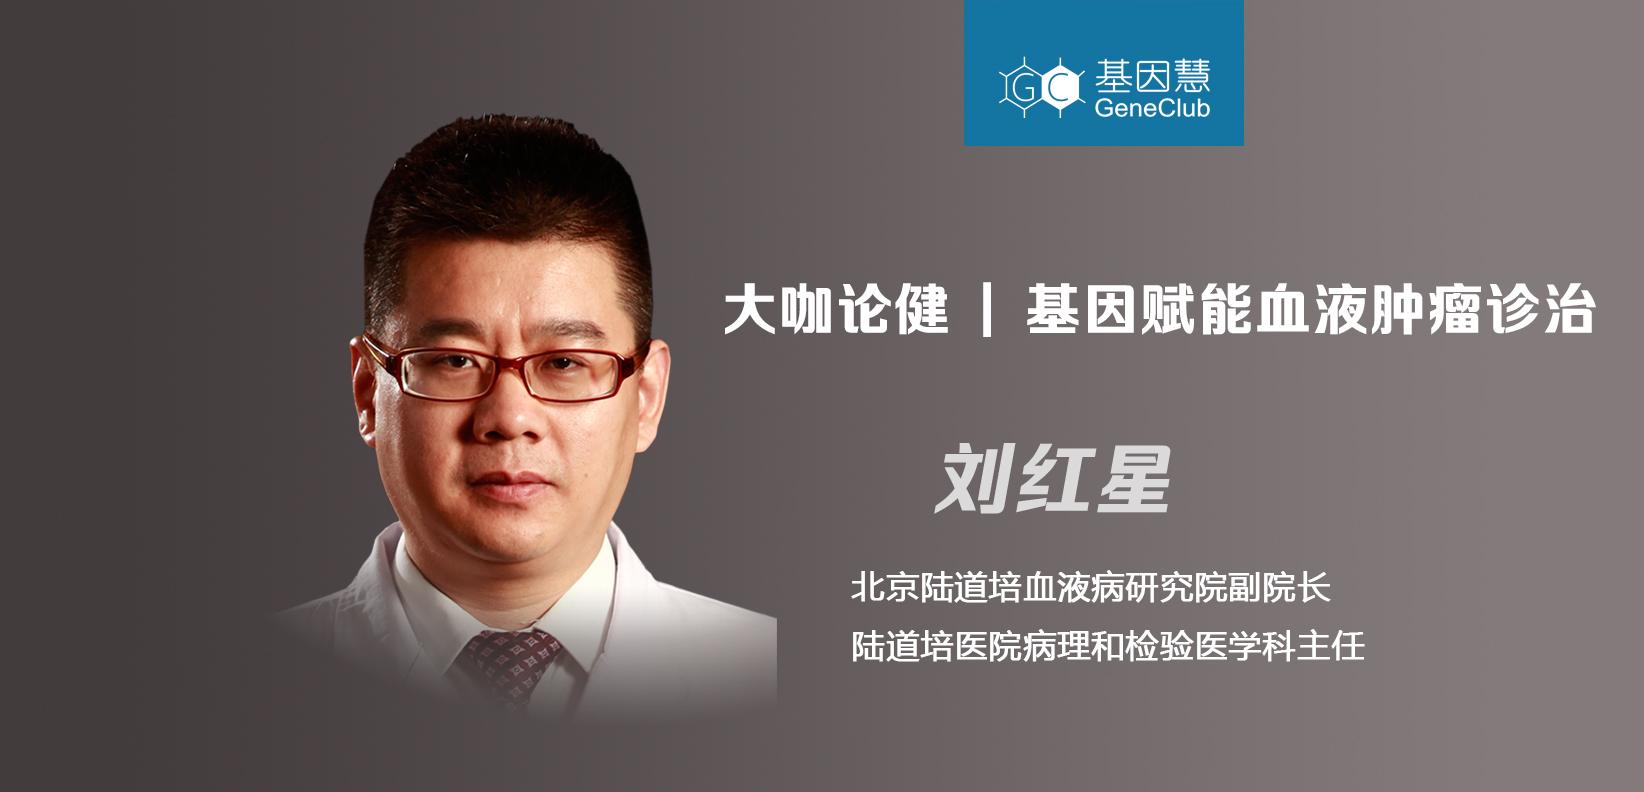 大咖论健75期 | 陆道培血液病研究院副院长刘红星:基因赋能血液肿瘤诊治